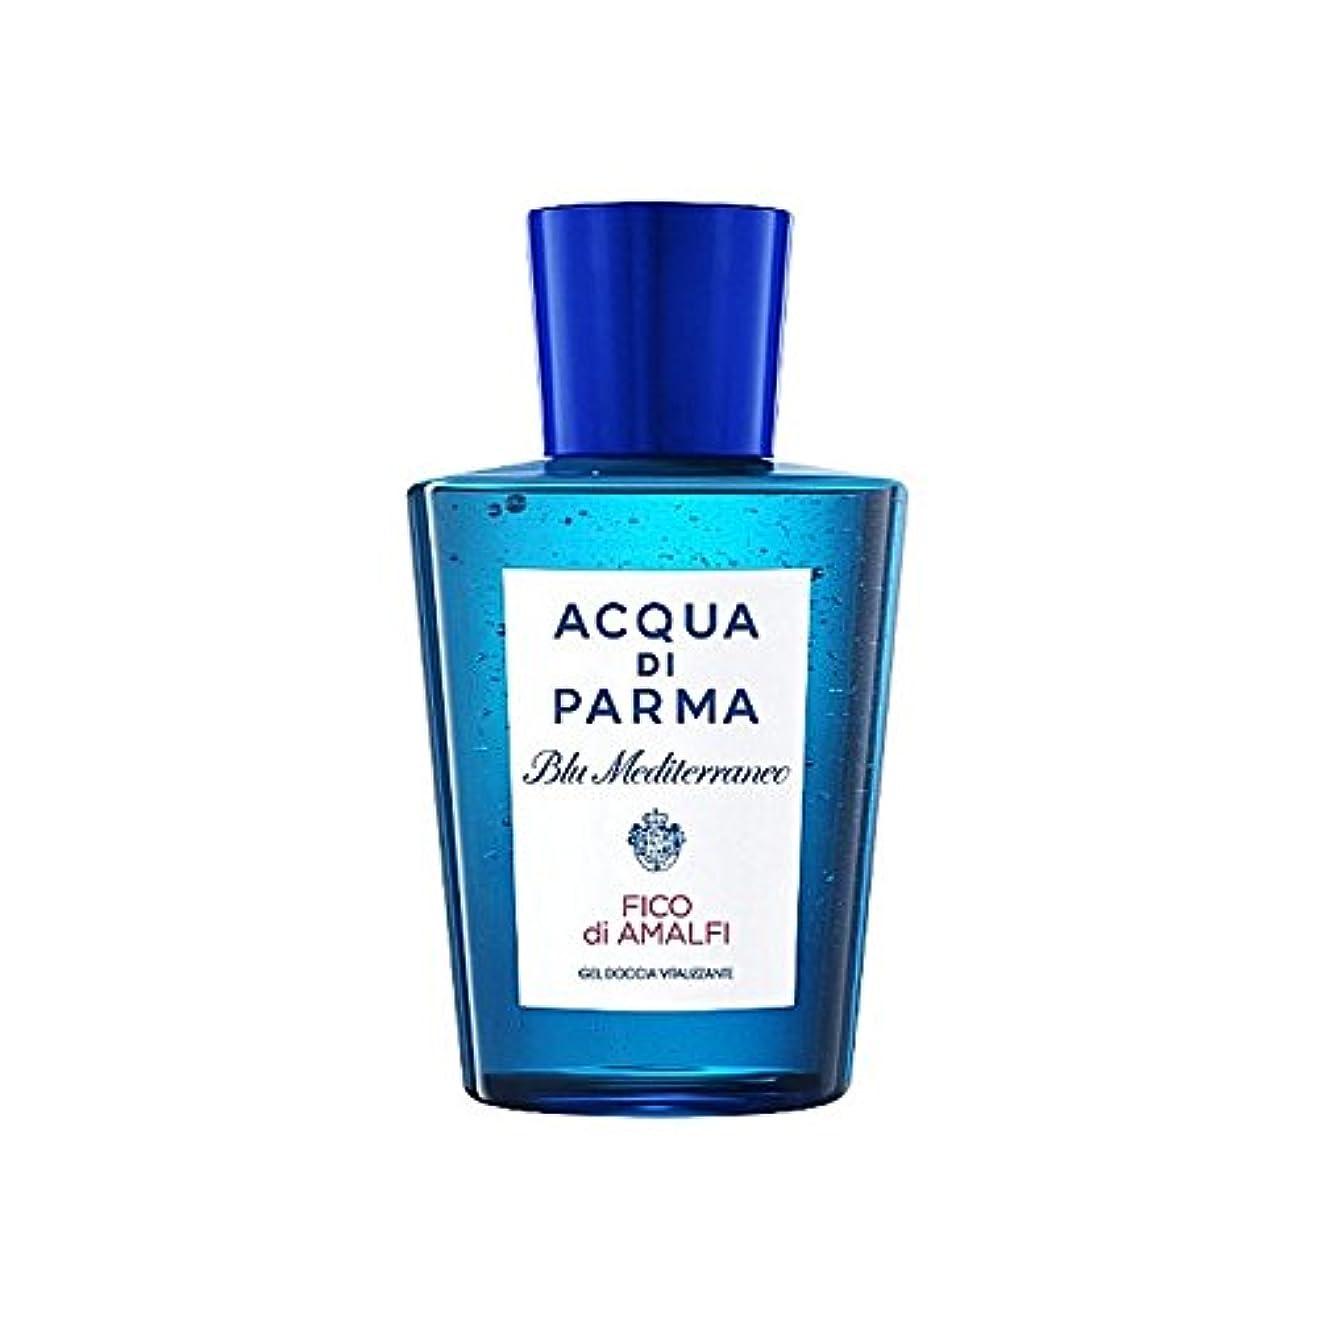 同じ達成可能傑出したAcqua Di Parma Blu Mediterraneo Fico Di Amalfi Shower Gel 200ml - アクアディパルマブルーメディジアマルフィシャワージェル200 [並行輸入品]